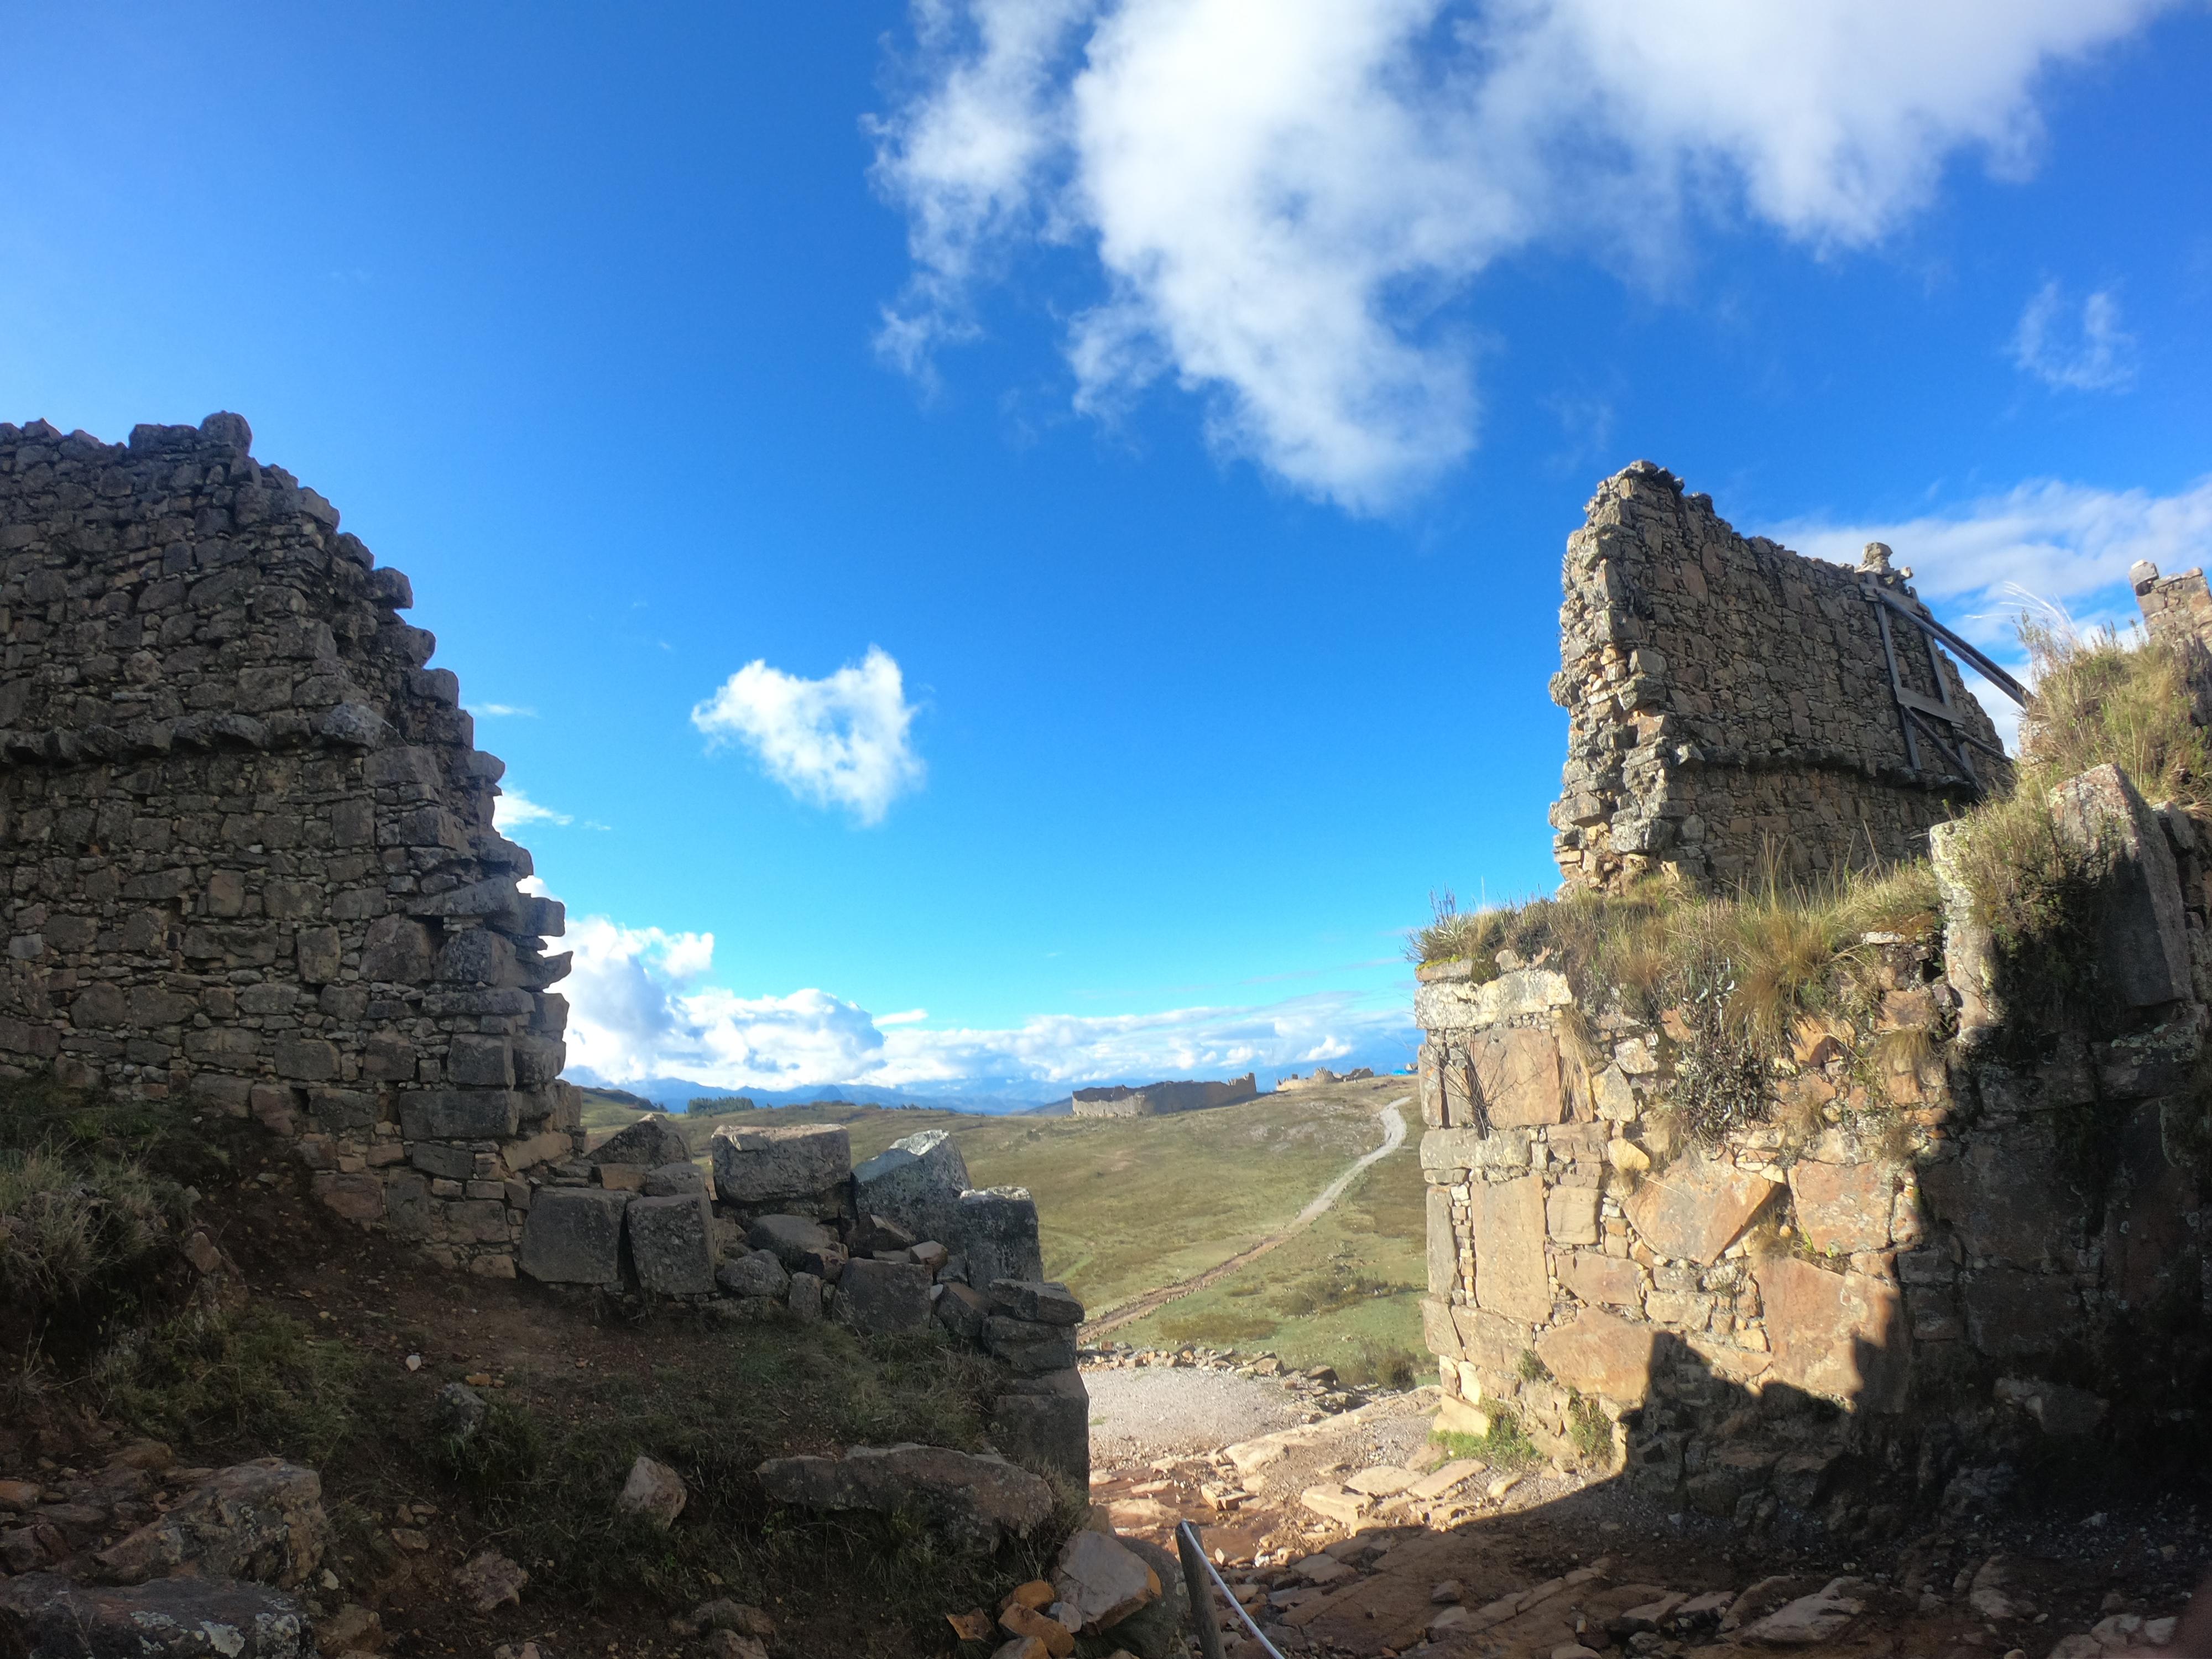 La portada Oeste - Marcahuamachuco